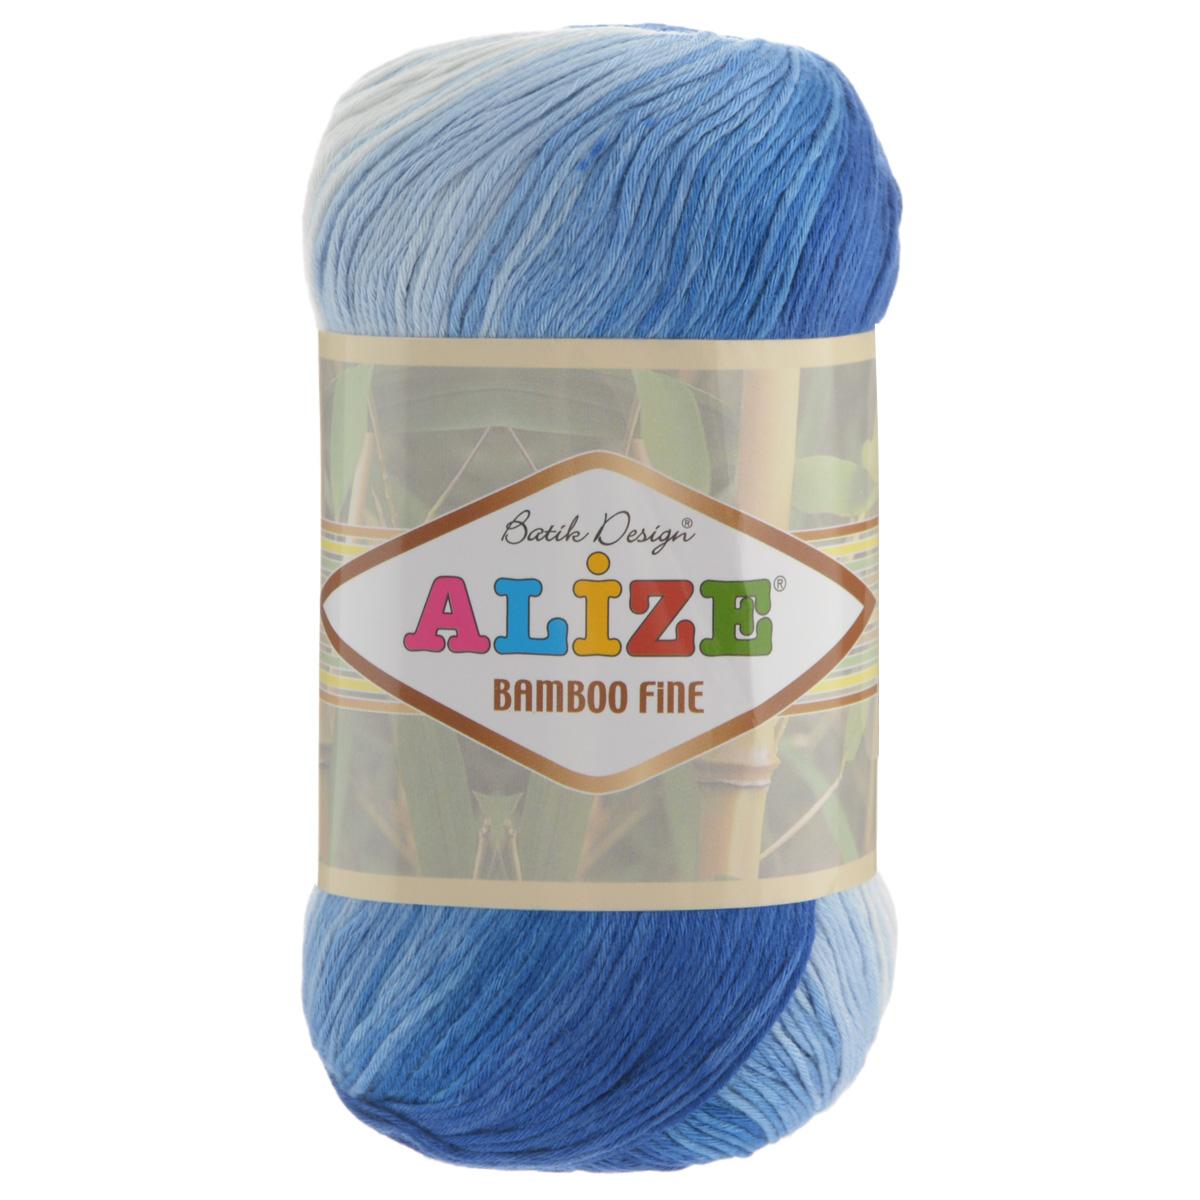 Пряжа для вязания Alize Bamboo Fine, цвет: белый, синий, голубой (1833), 440 м, 100 г, 5 шт пряжа для вязания alize bamboo fine цвет зеленый синий фиолетовый 3260 440 м 100 г 5 шт